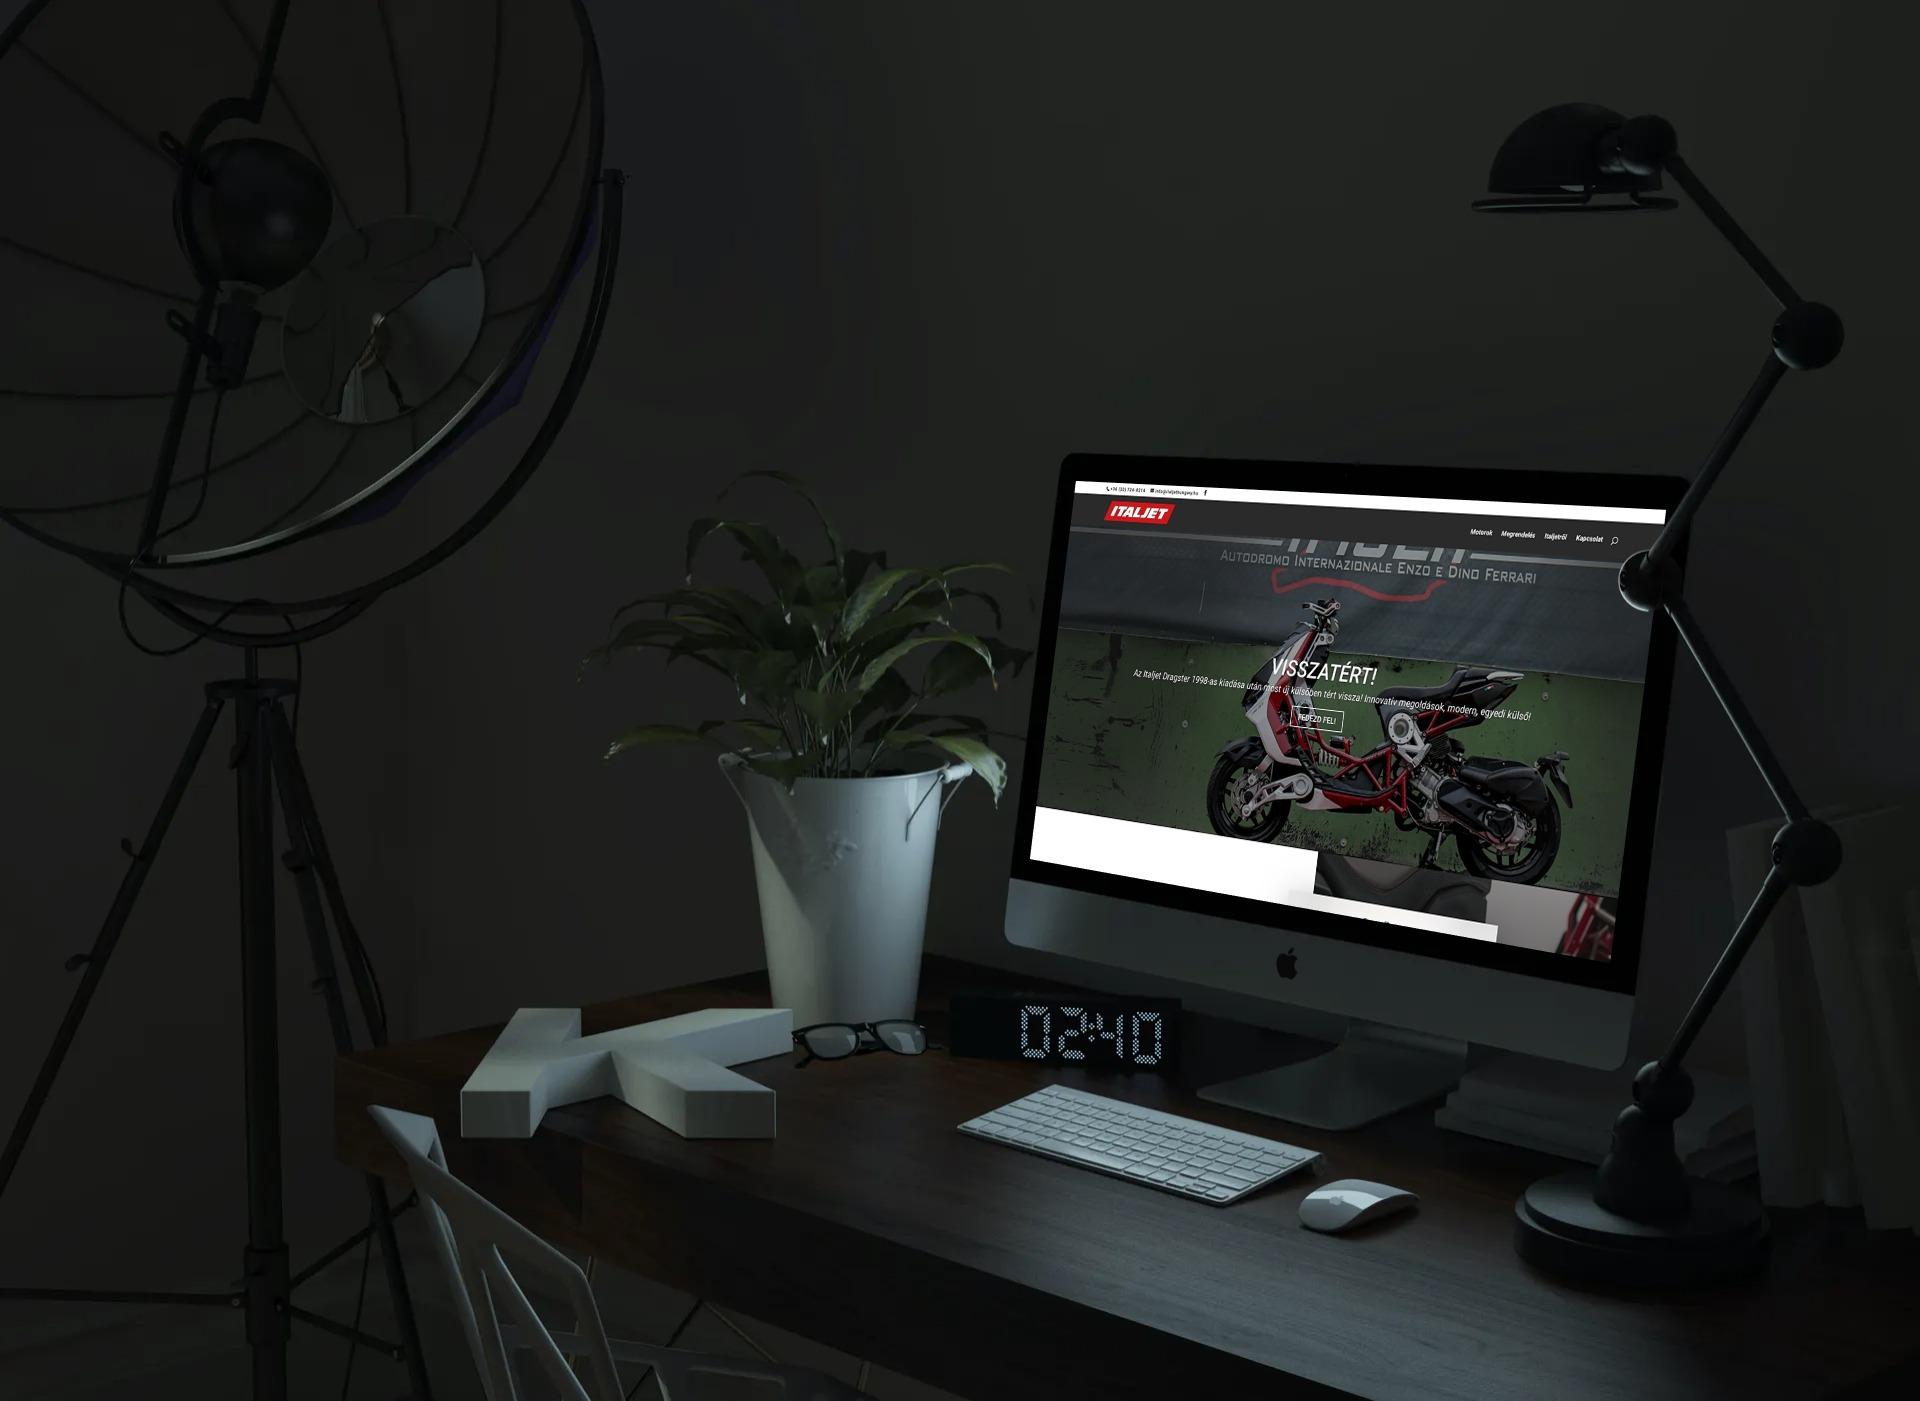 Italjethungary.hu weboldal megjelenése asztali PC-n, IMac-en